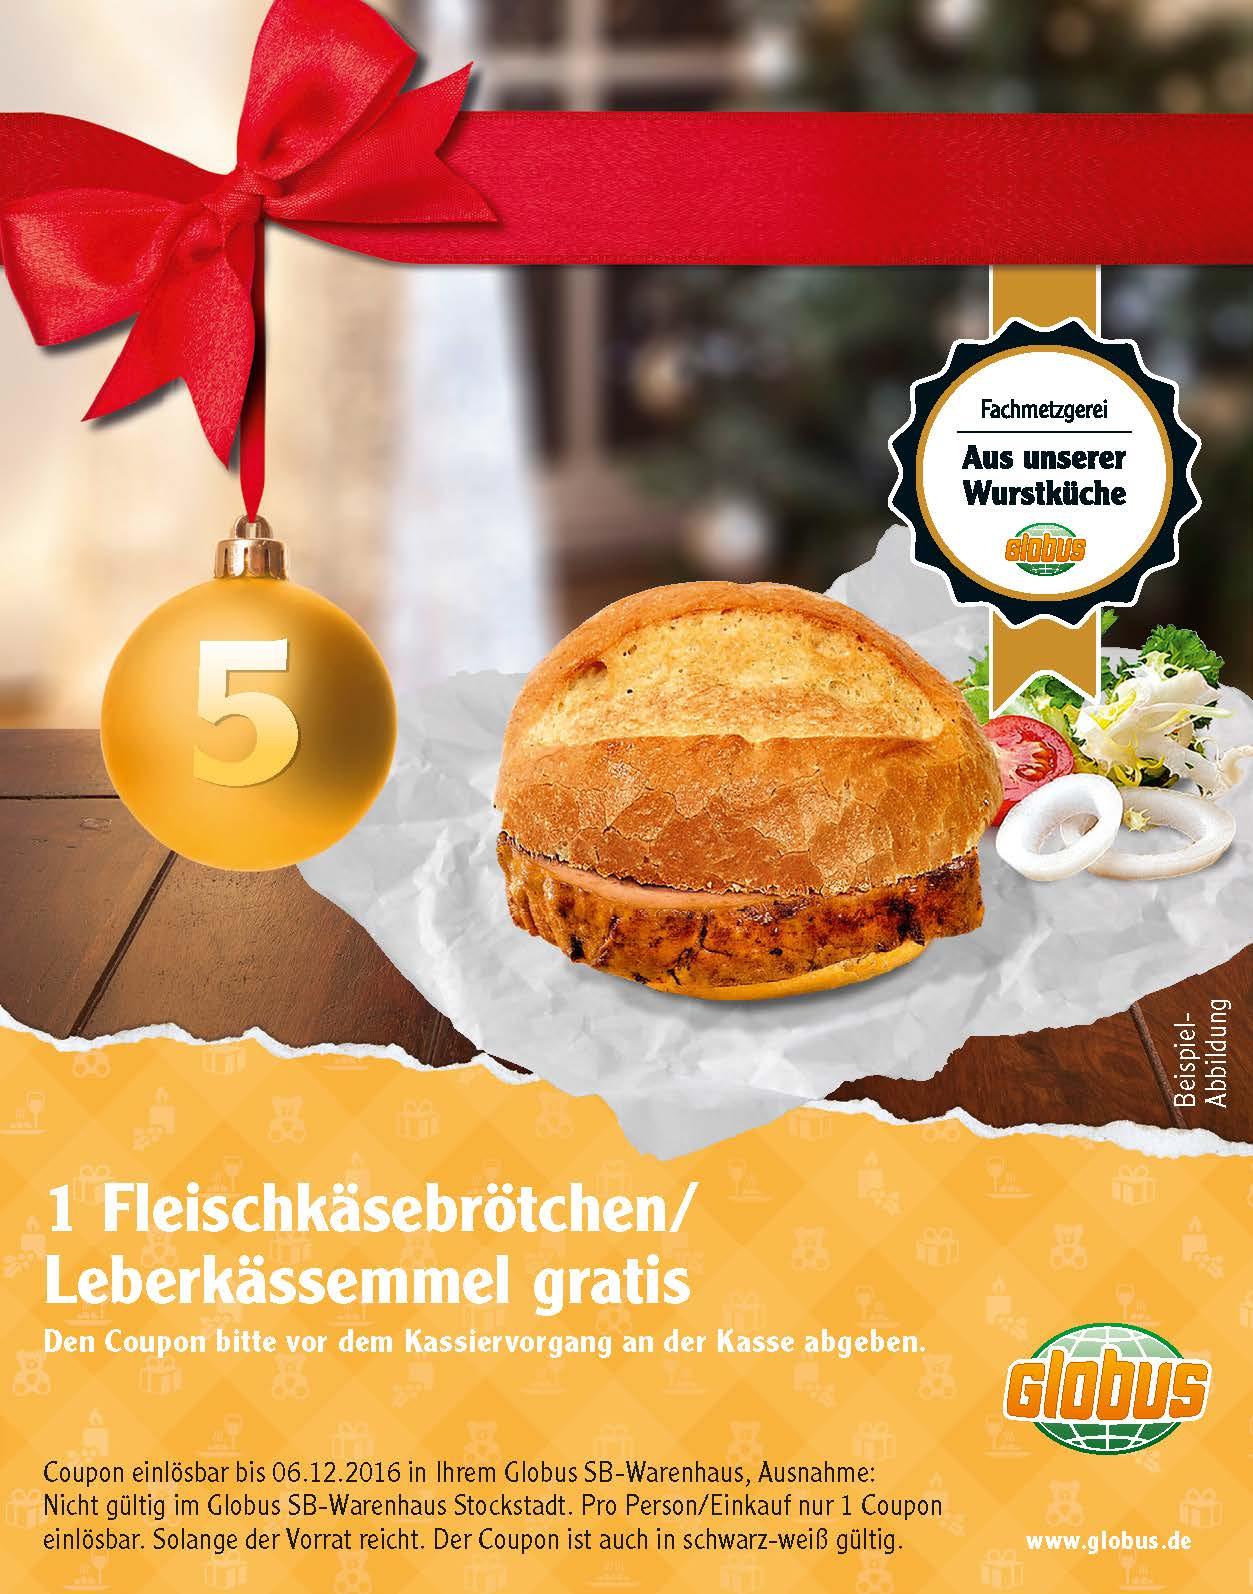 [Globus Adventskalender] Fleischkäse-Brötchen gratis